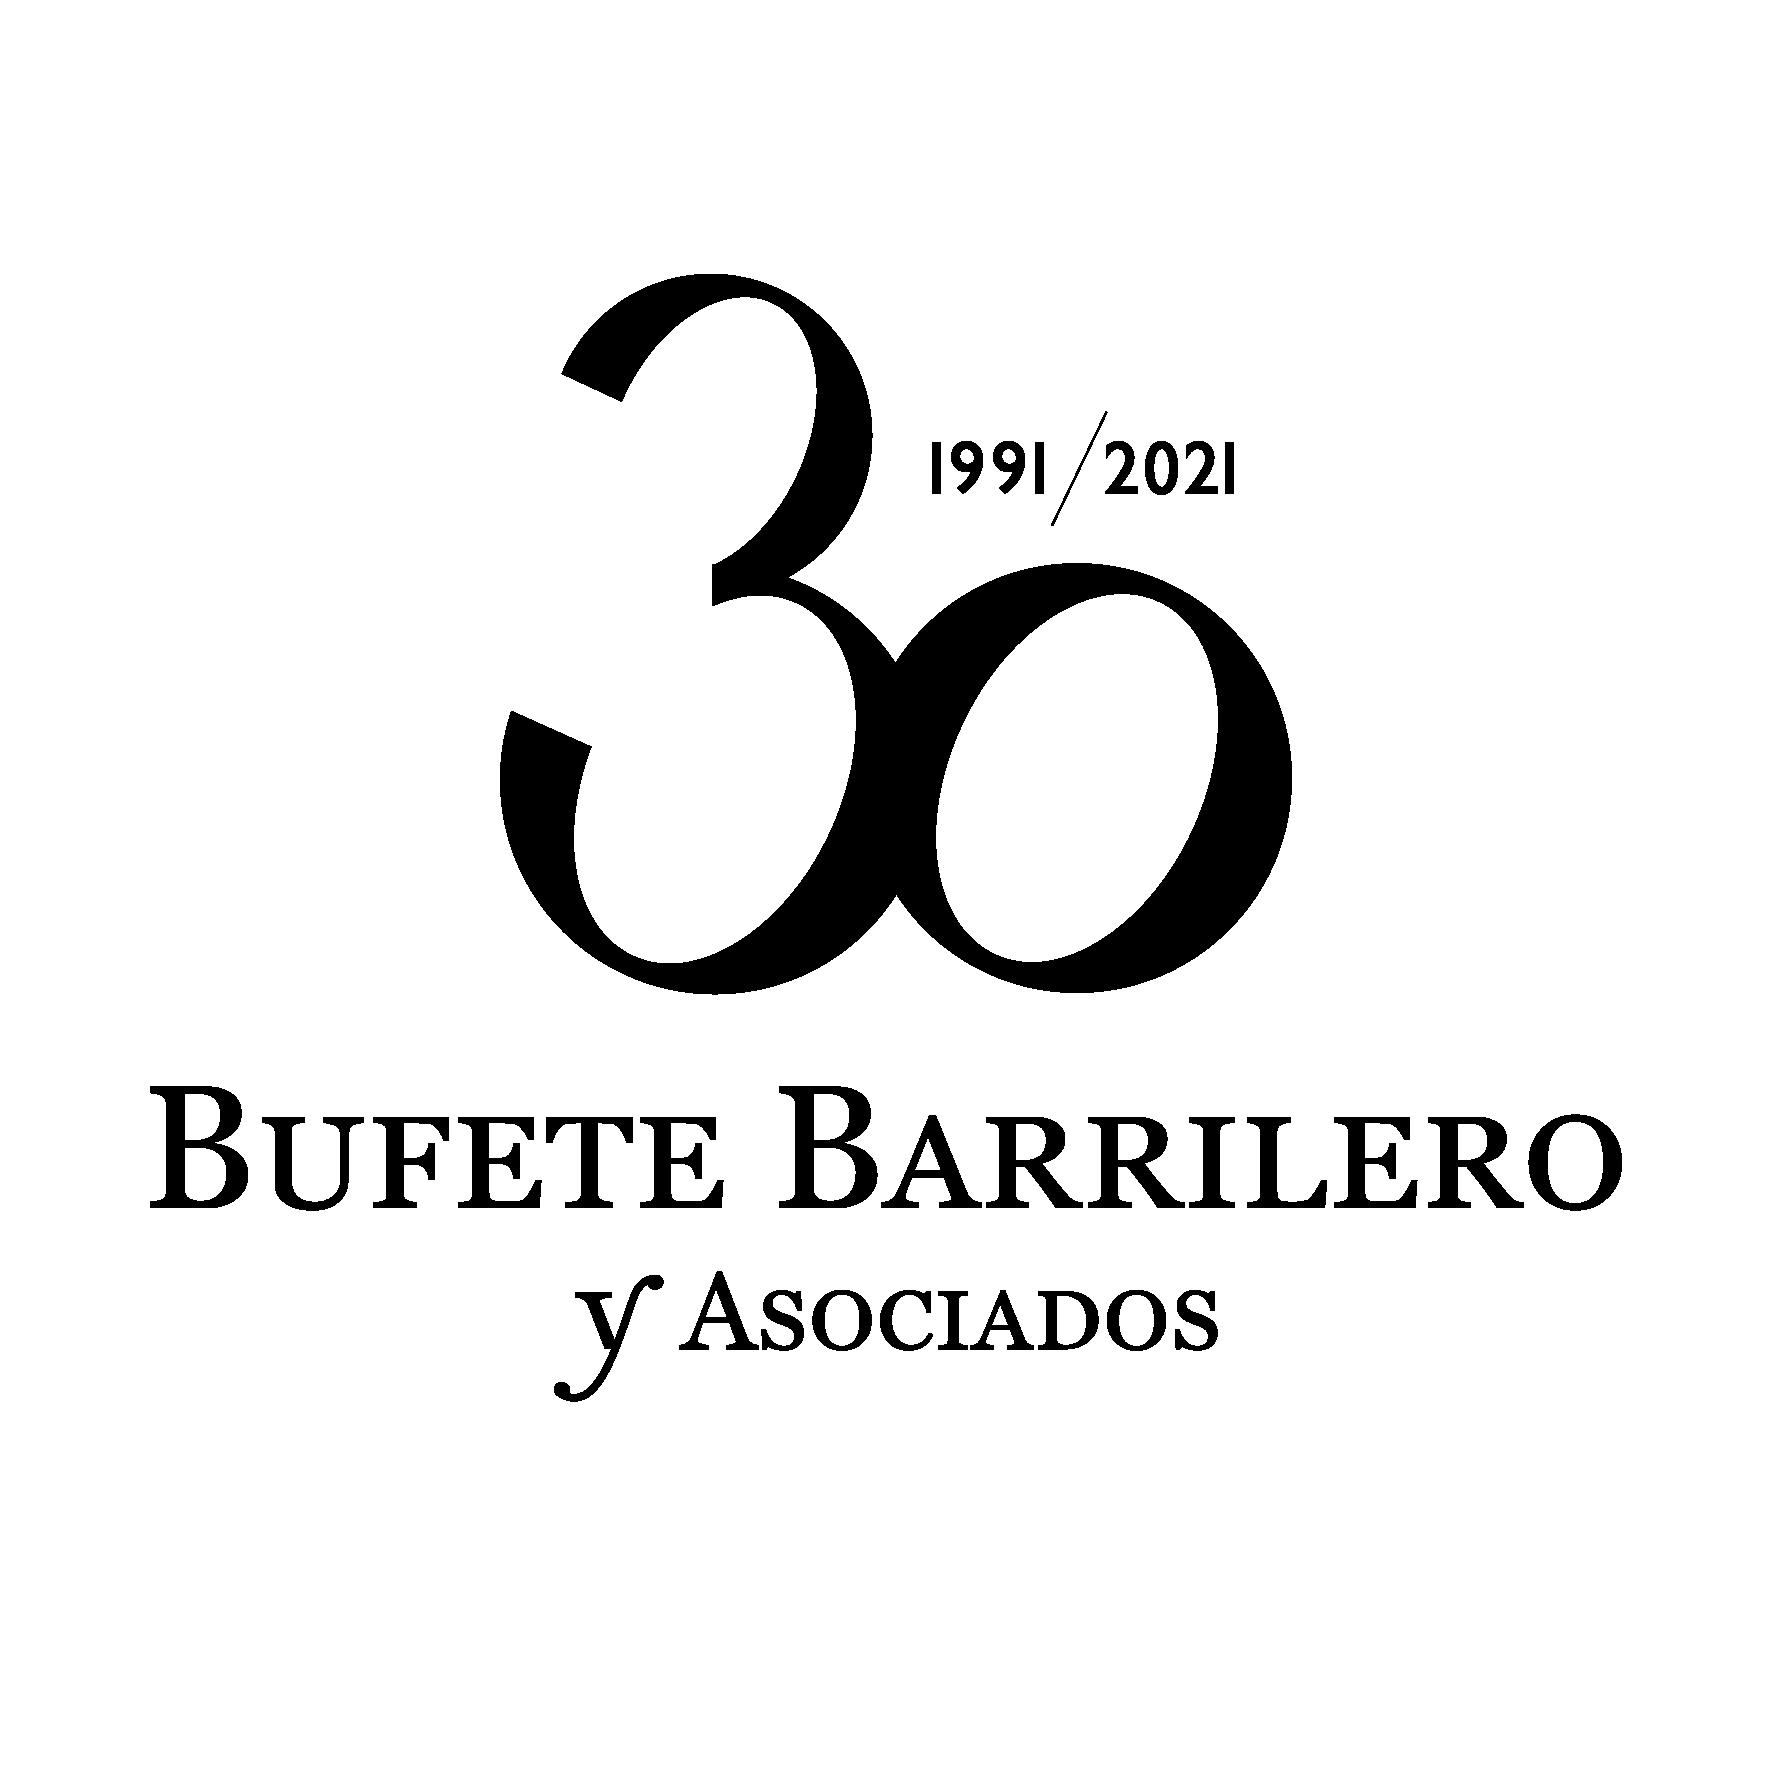 Bufete Barrilero y Asociados